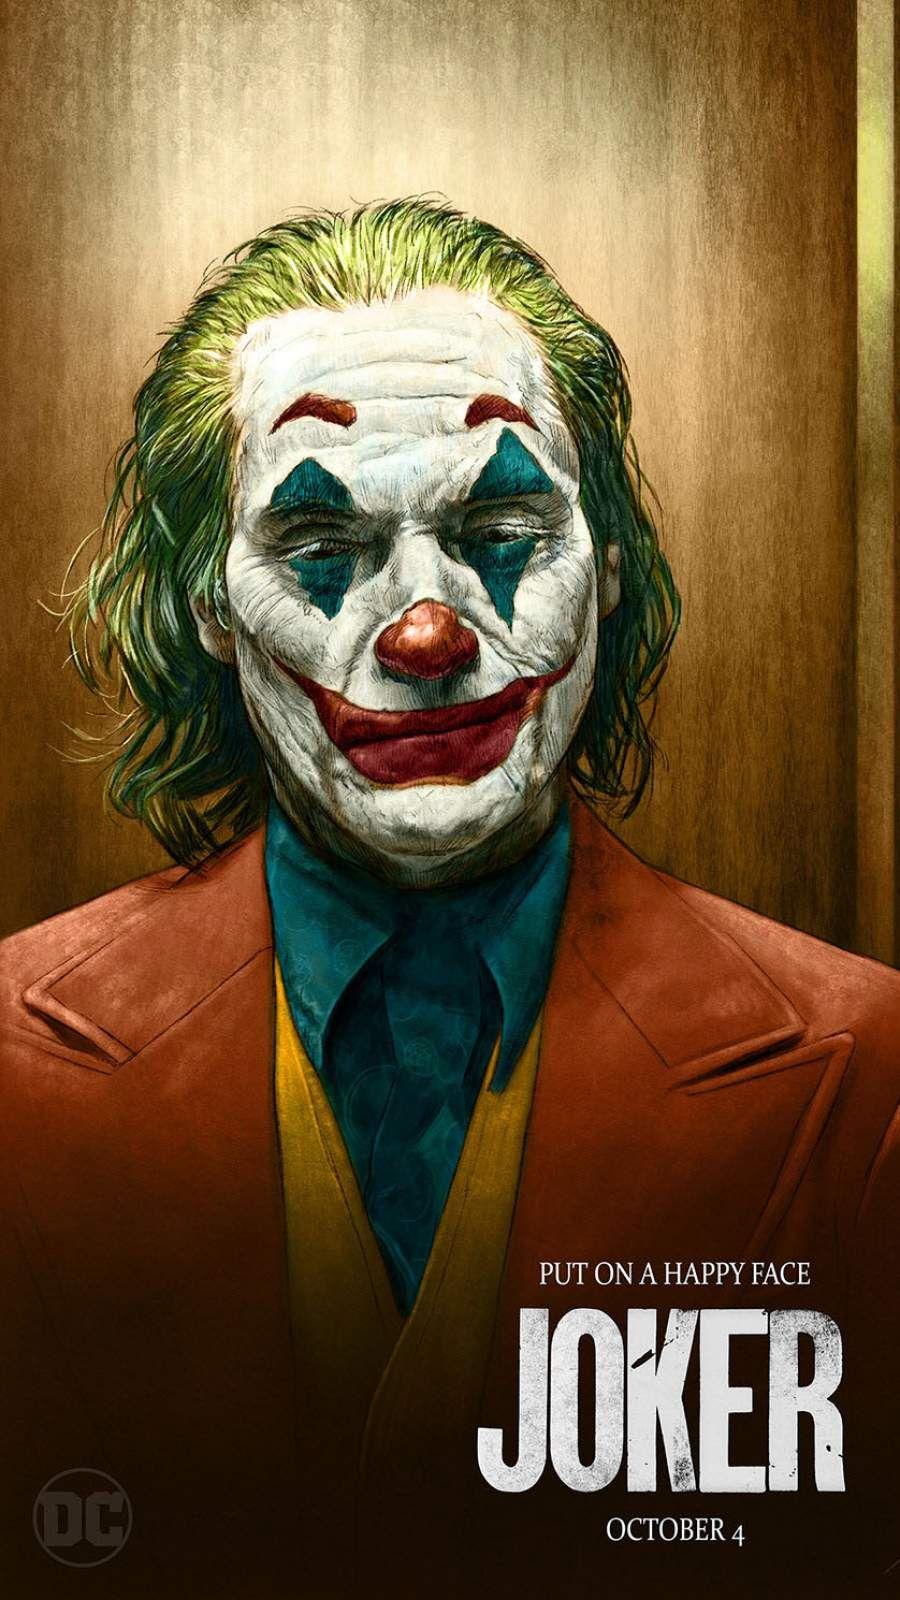 Joker Arthur Fleck Iphone Wallpaper Joker Poster Joker Drawings Joker Artwork